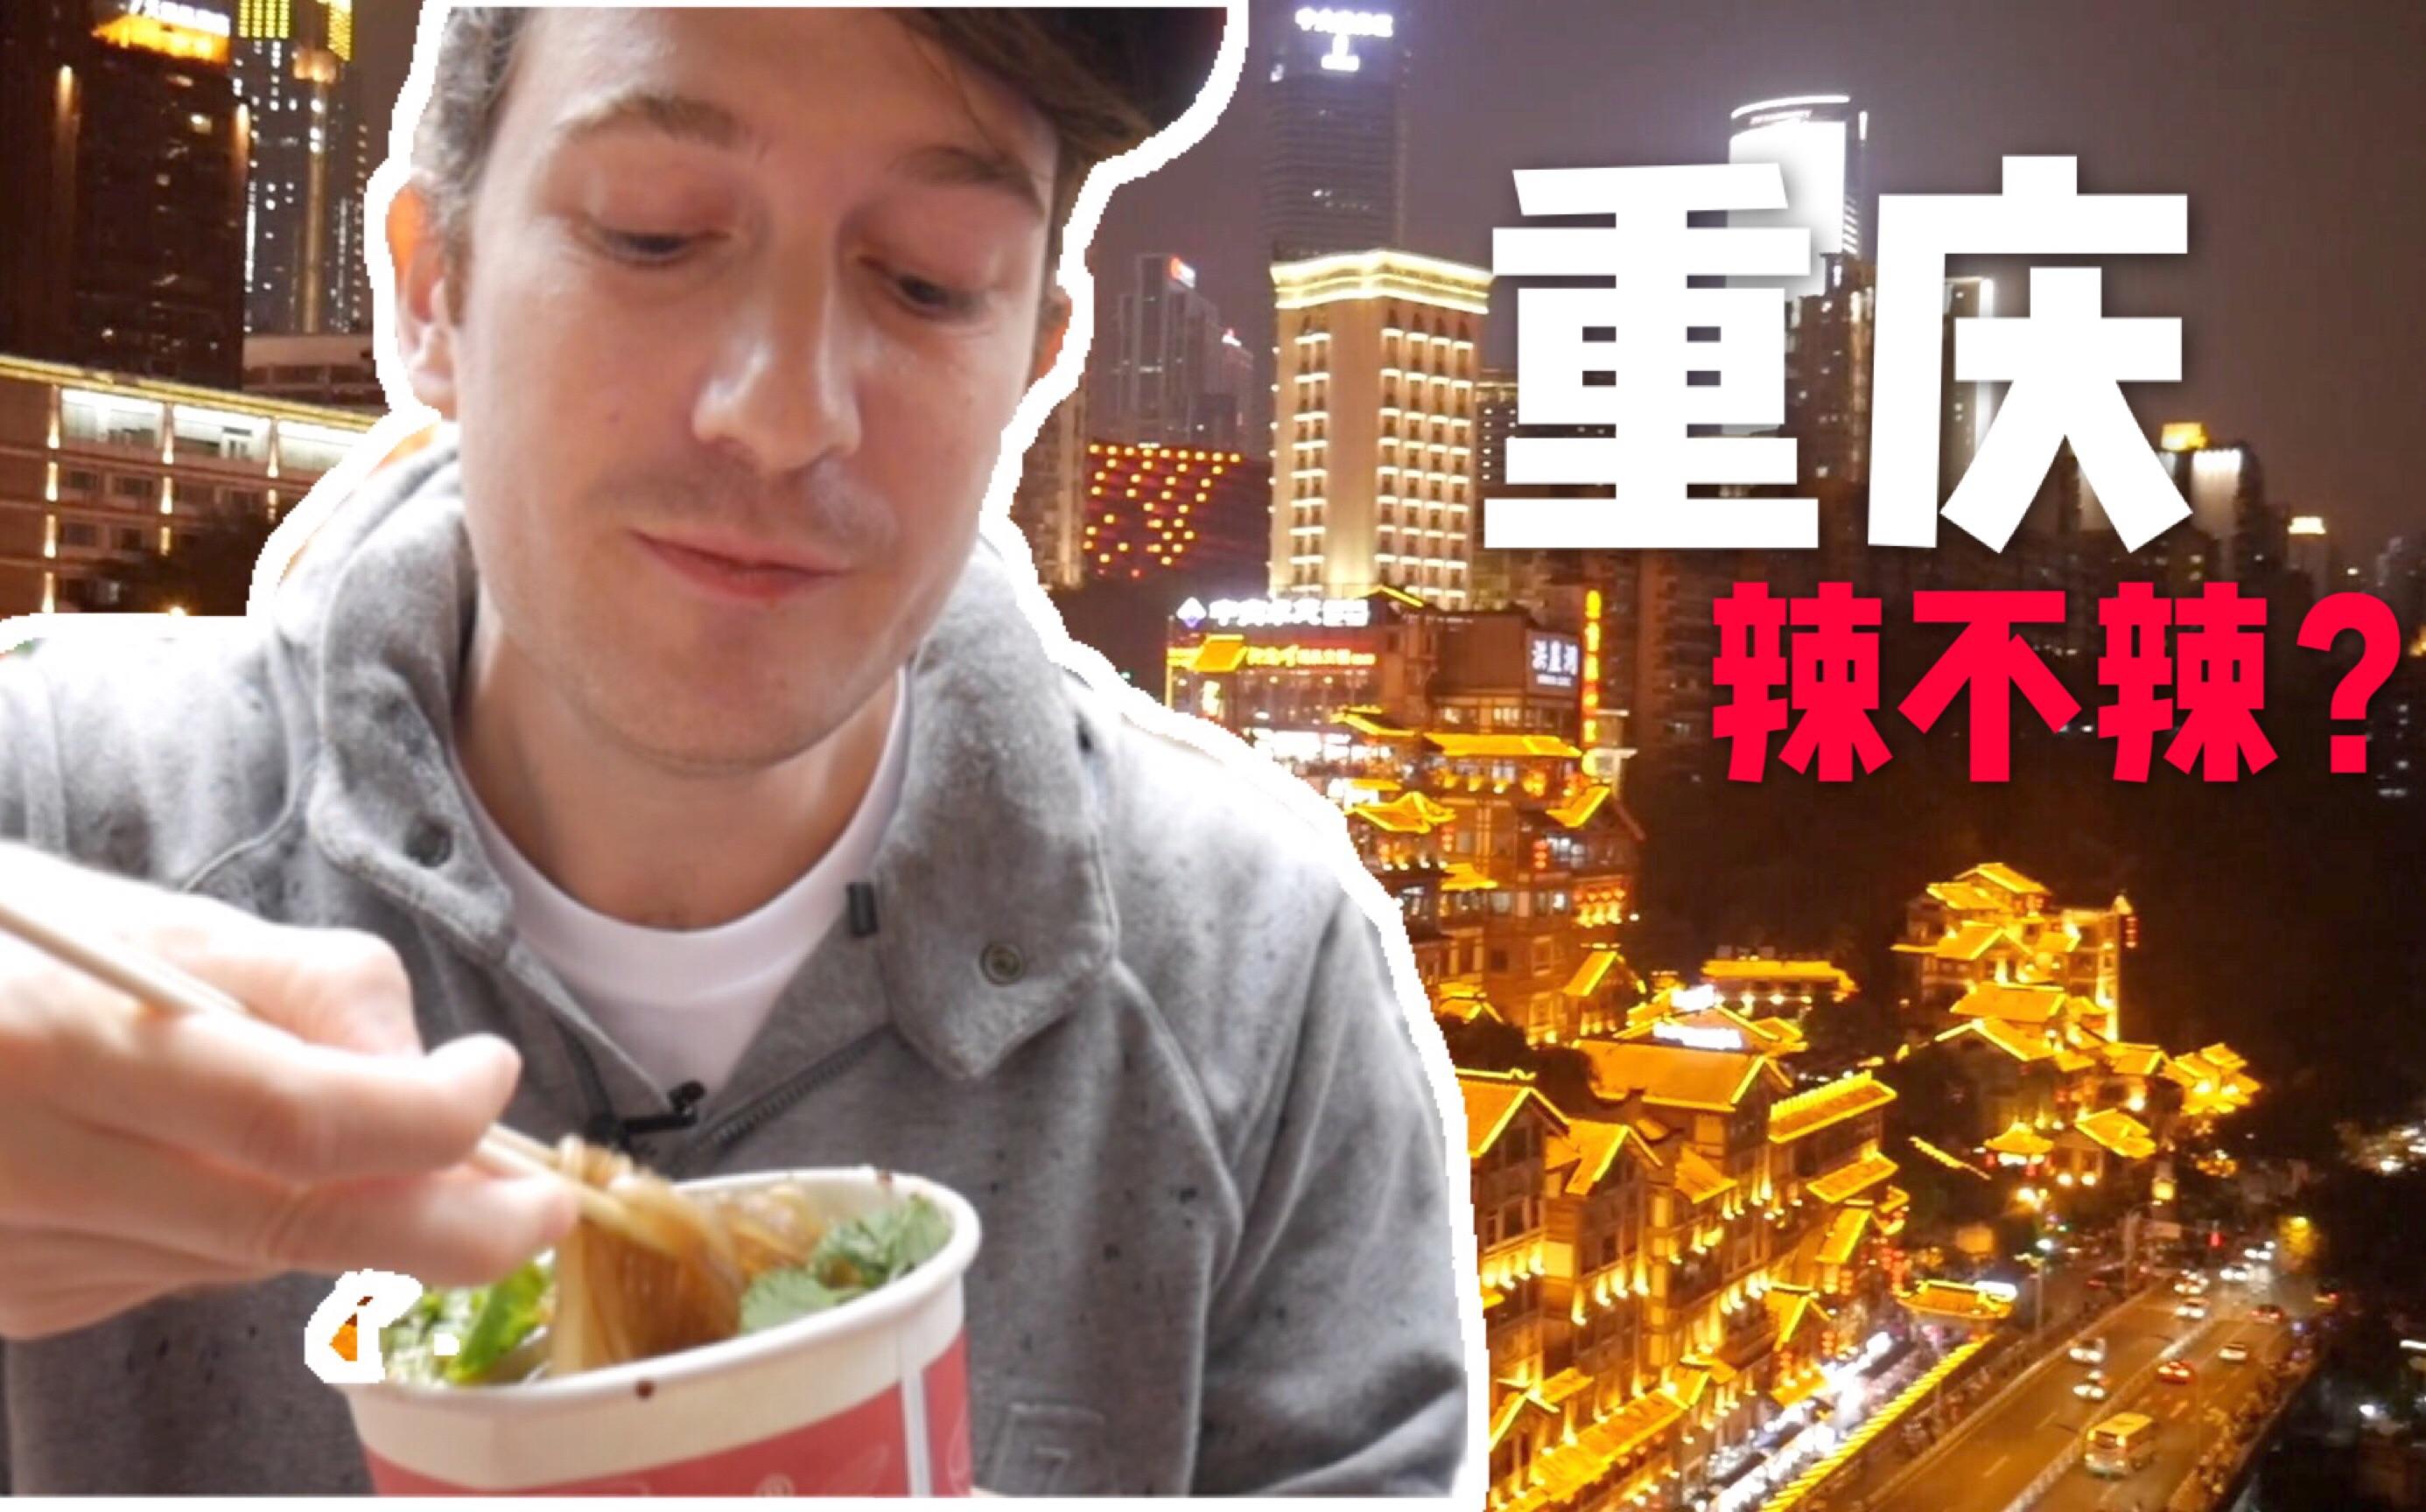 郭铁菊大战重庆美食!到底什么菜最辣?